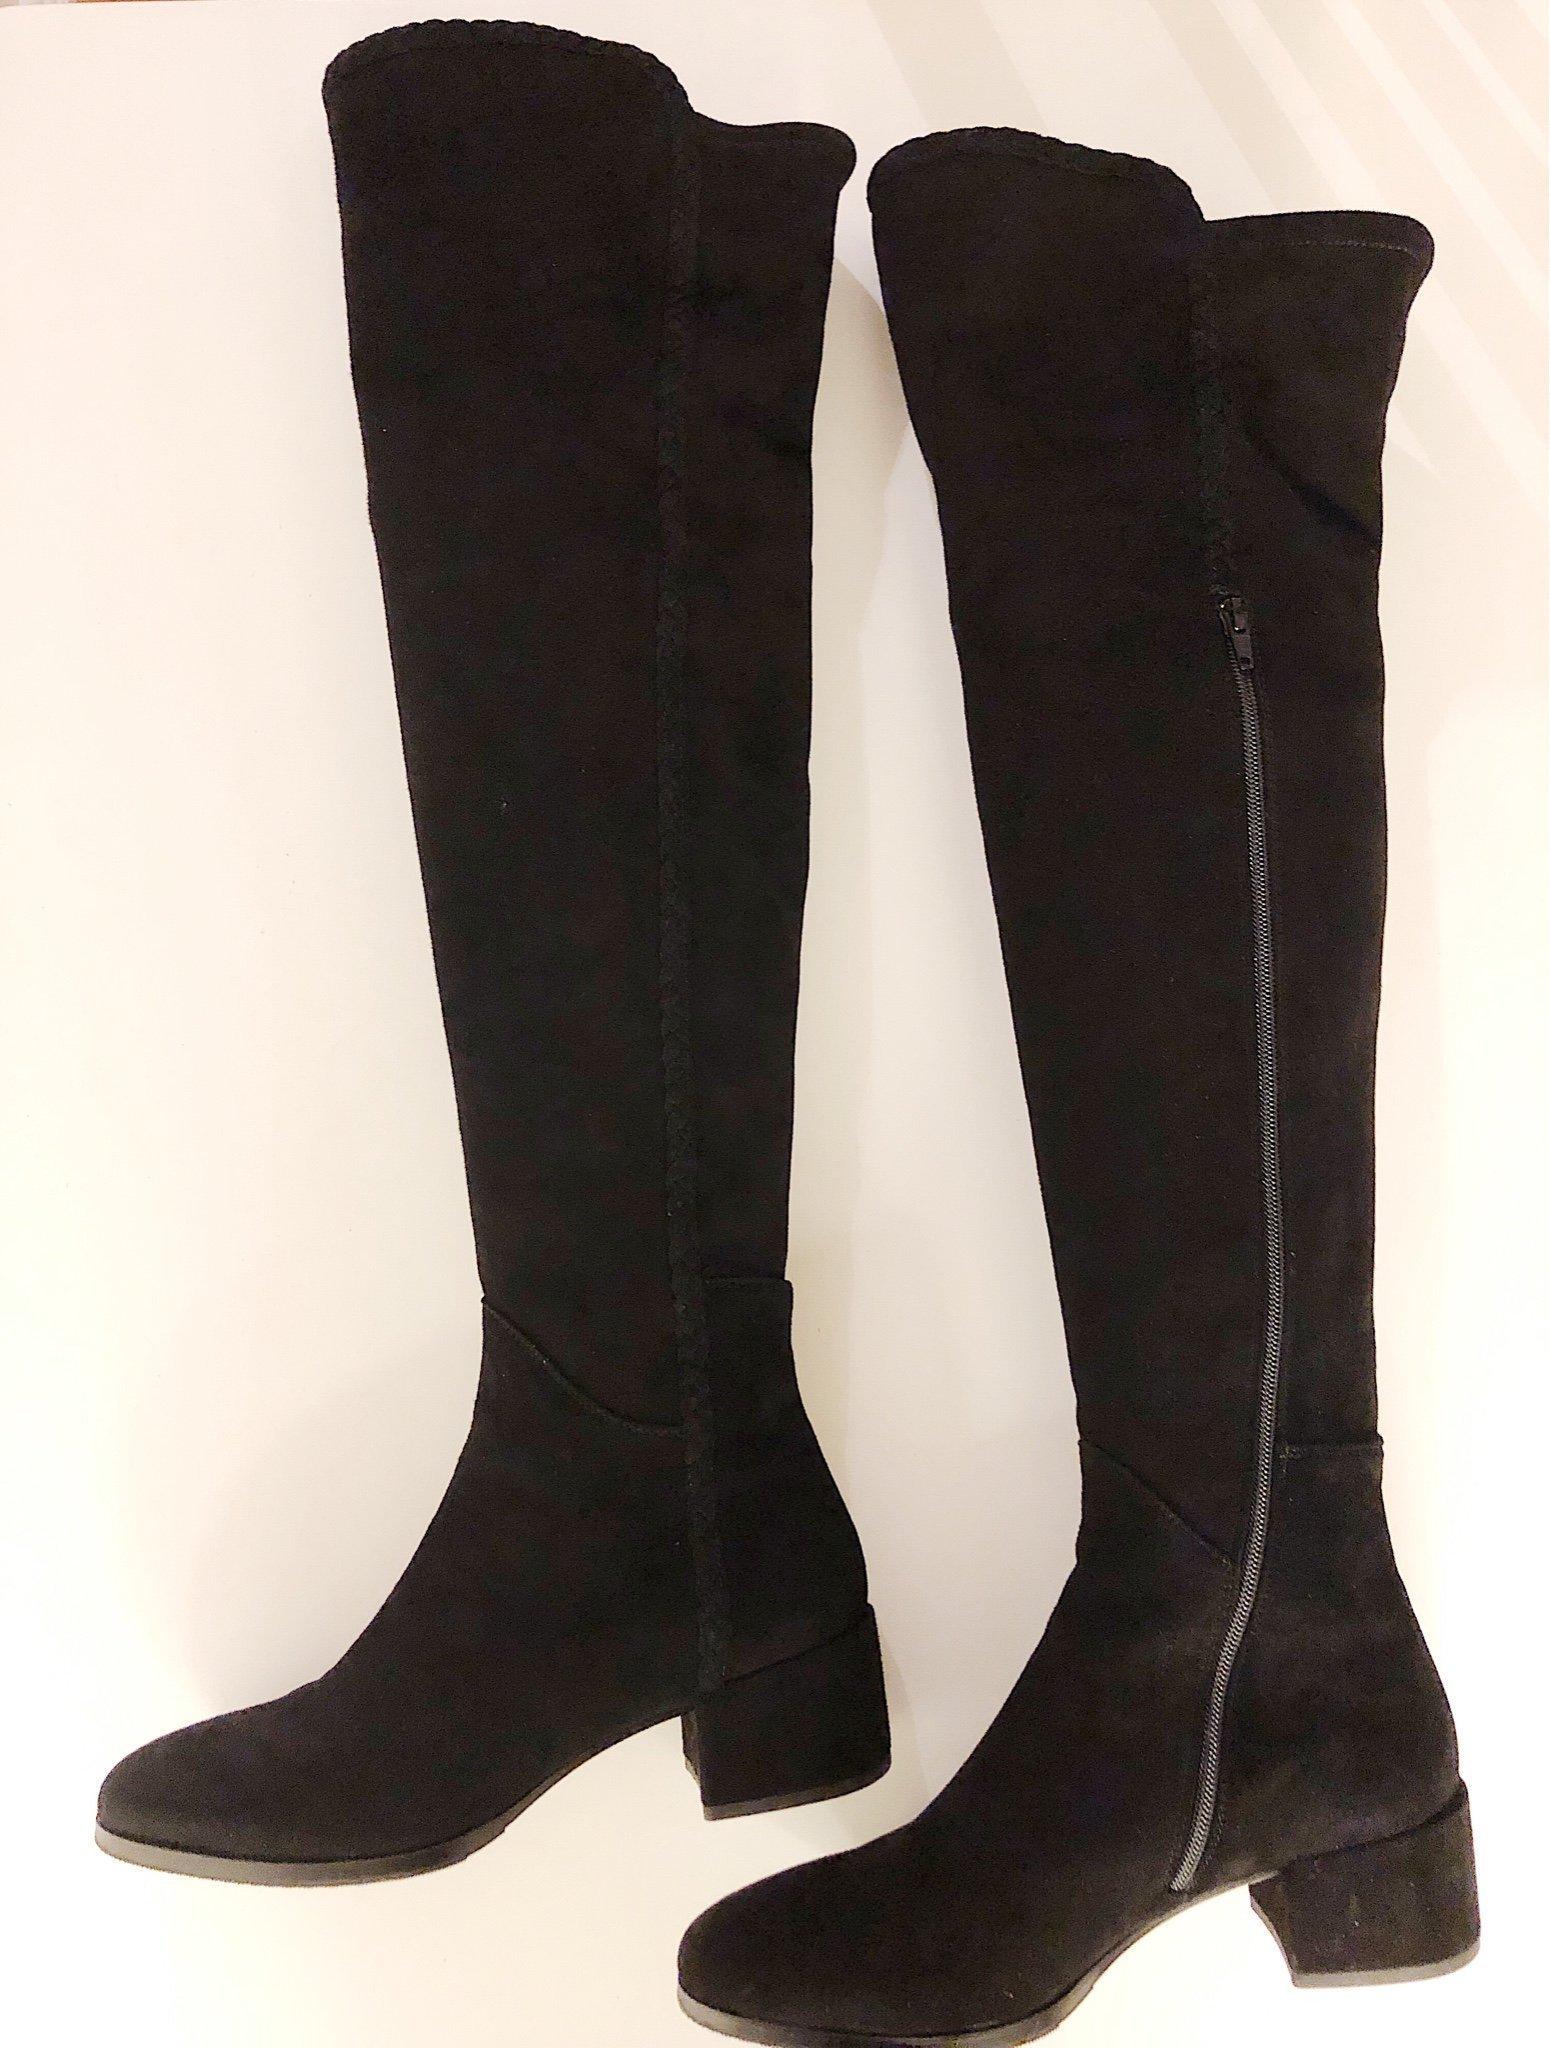 Svarta Over knee stövlar från Marzio storlek 40